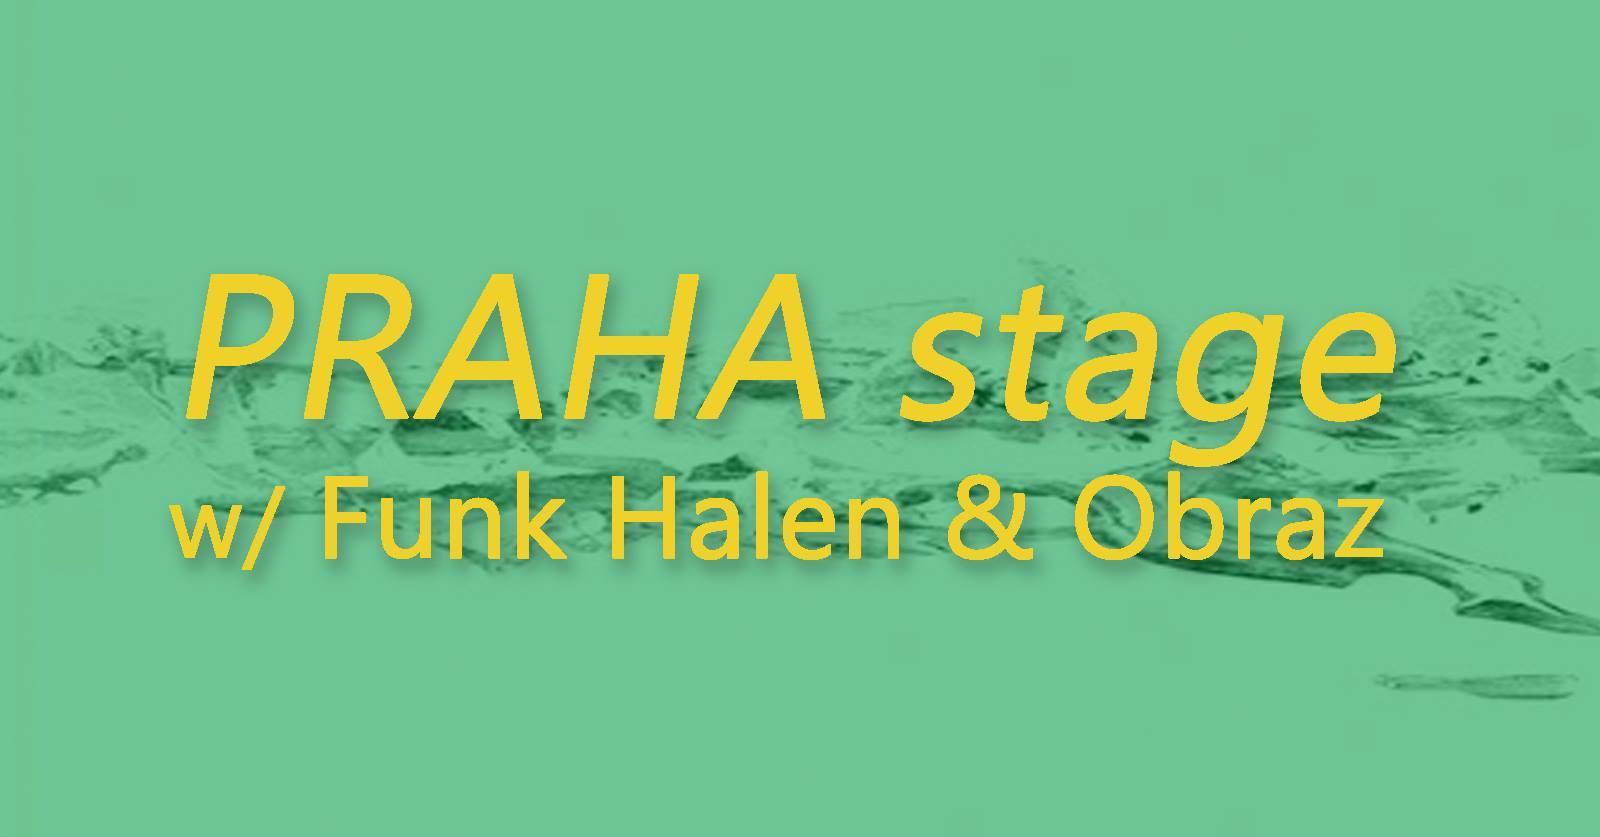 ÚT / 16.7. / 18.00 / PRAHA stage w/ Funk Halen & Obraz / dj set